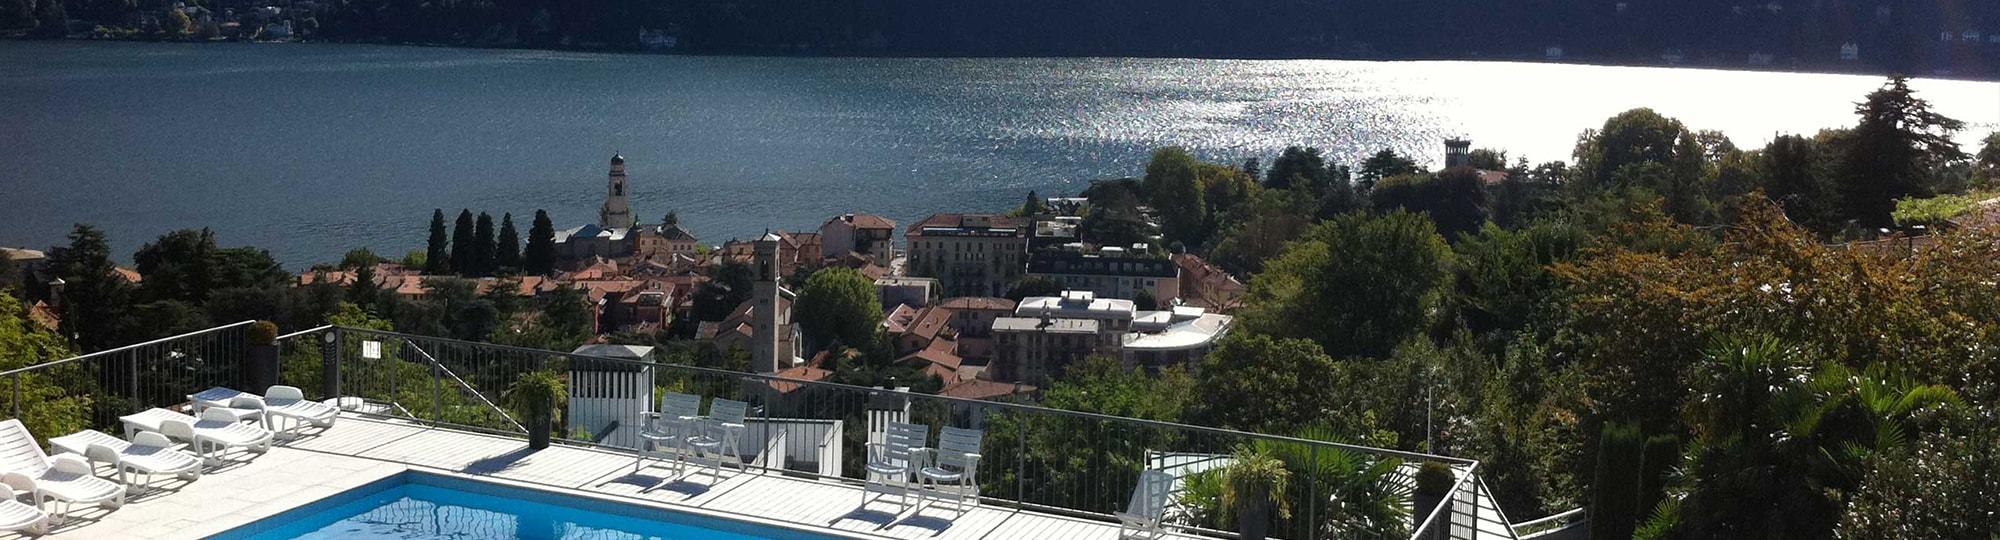 Vue de l'hotel Hôtel Asnigo 4* à Cernobbio